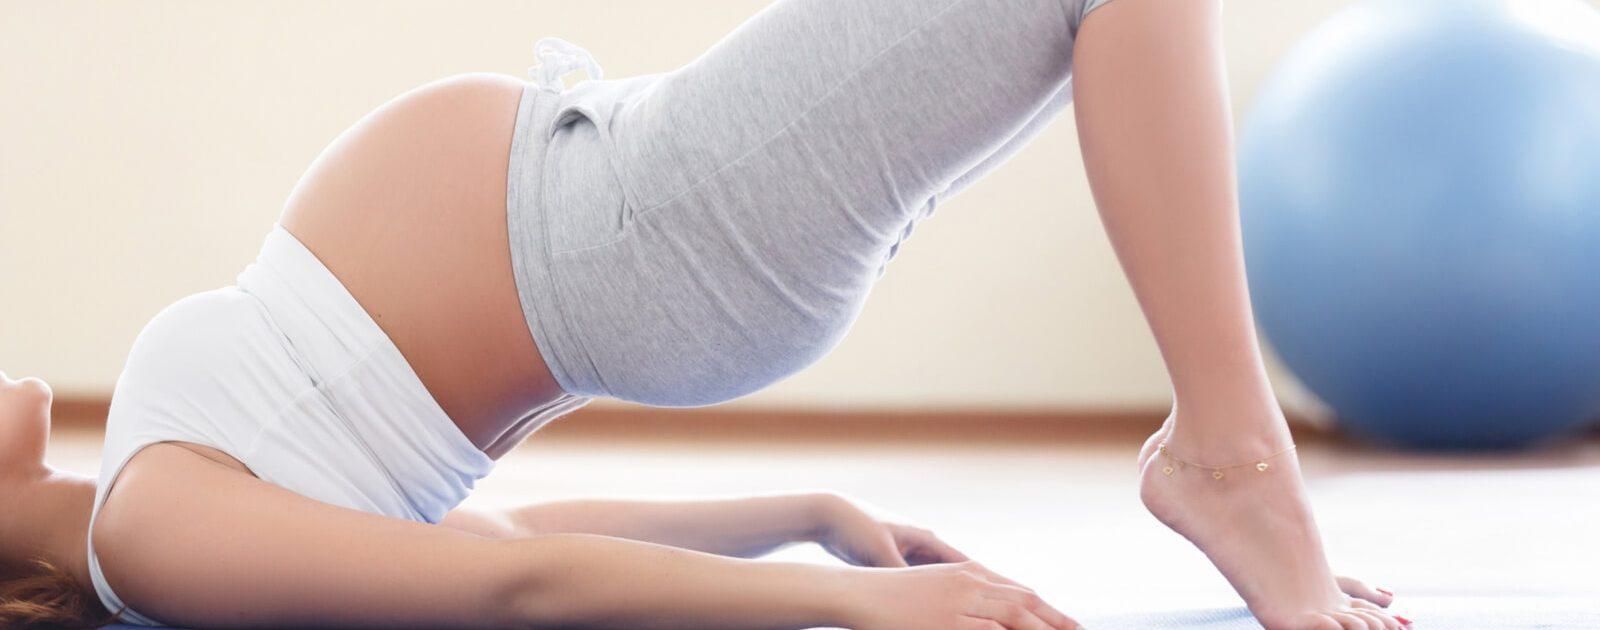 Schwangere in der 16. Schwangerschaftswoche macht Yoga.